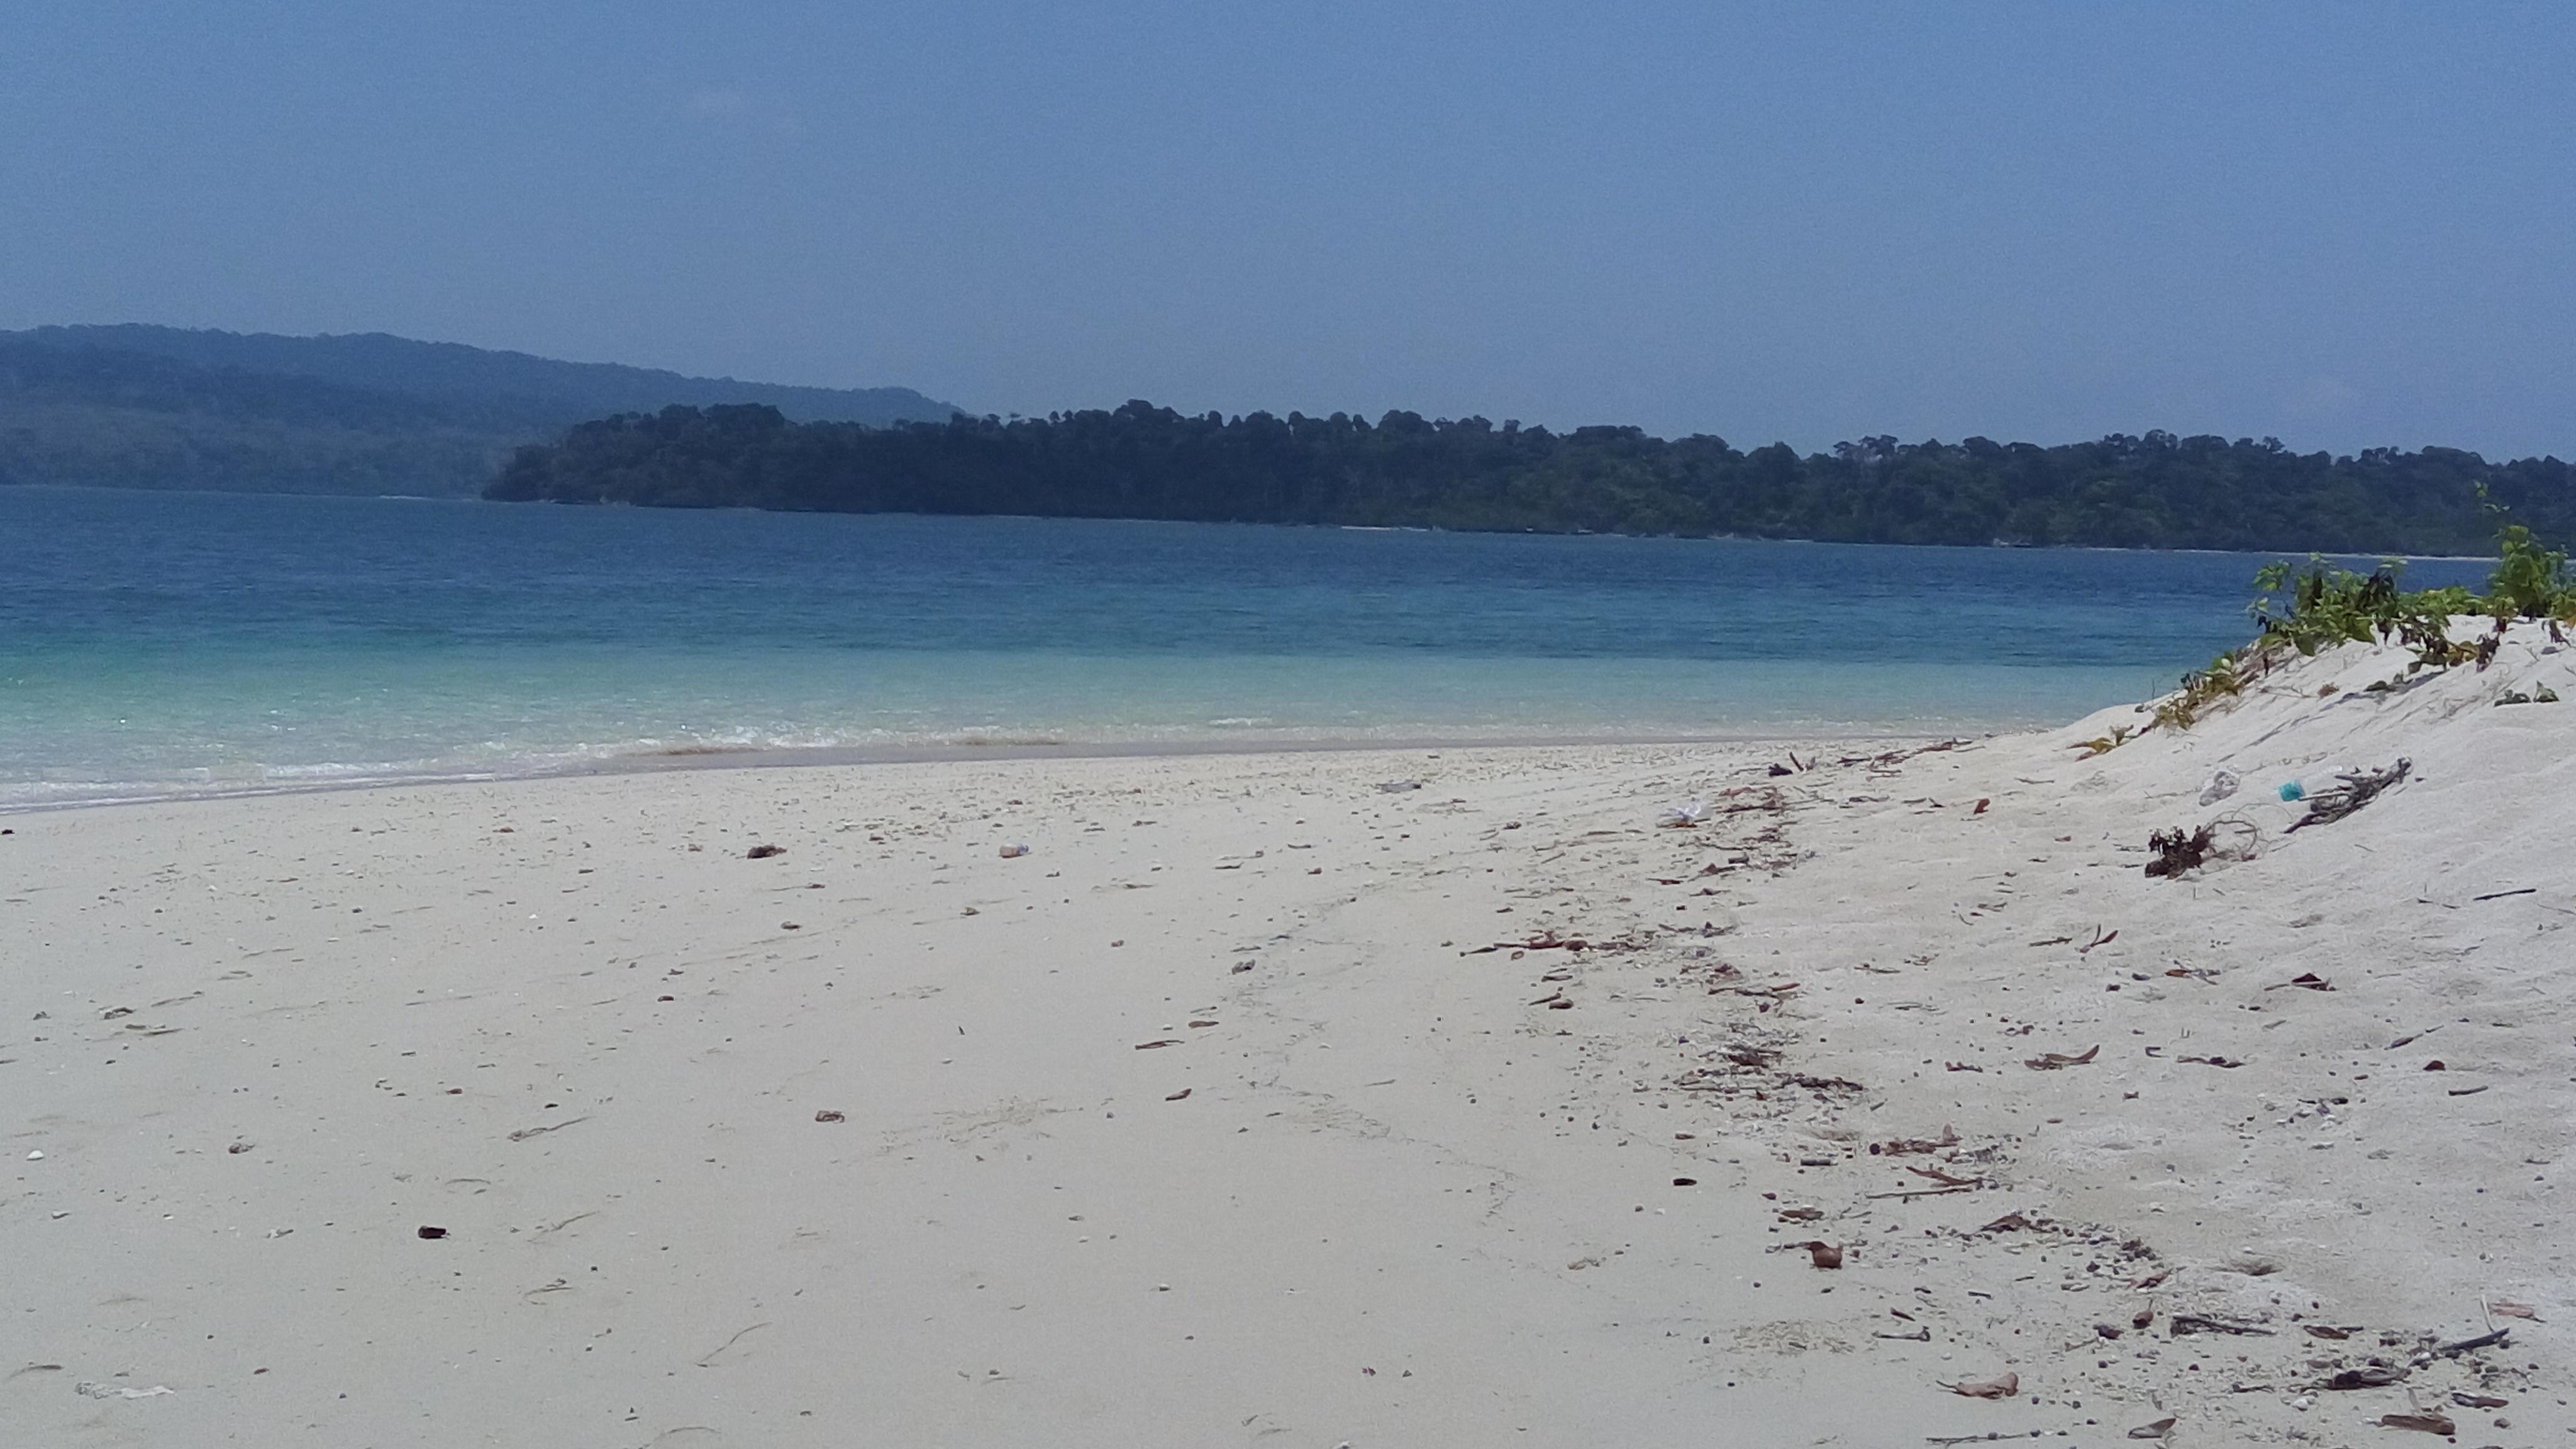 Andamans, Visit Andamans, Explore Andamans, Best Andamans Travel Agent, Best Andamans Operator, Visit Andaman Islands, Havelock Islands, Havelock, Radhanagar Beach